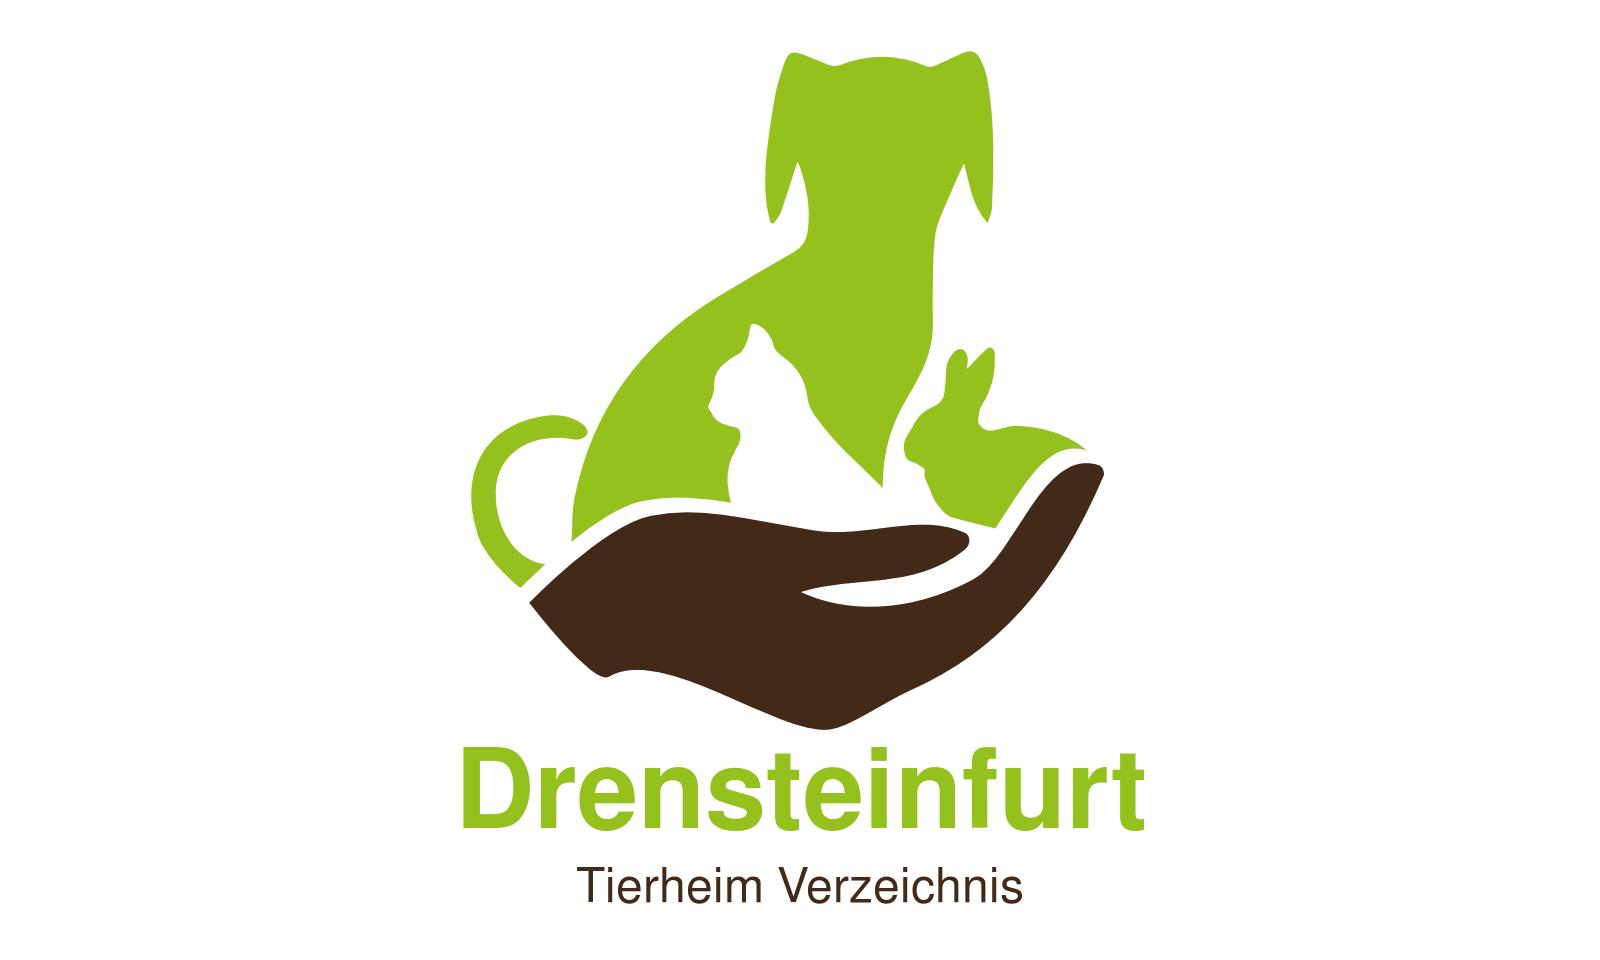 Tierheim Drensteinfurt